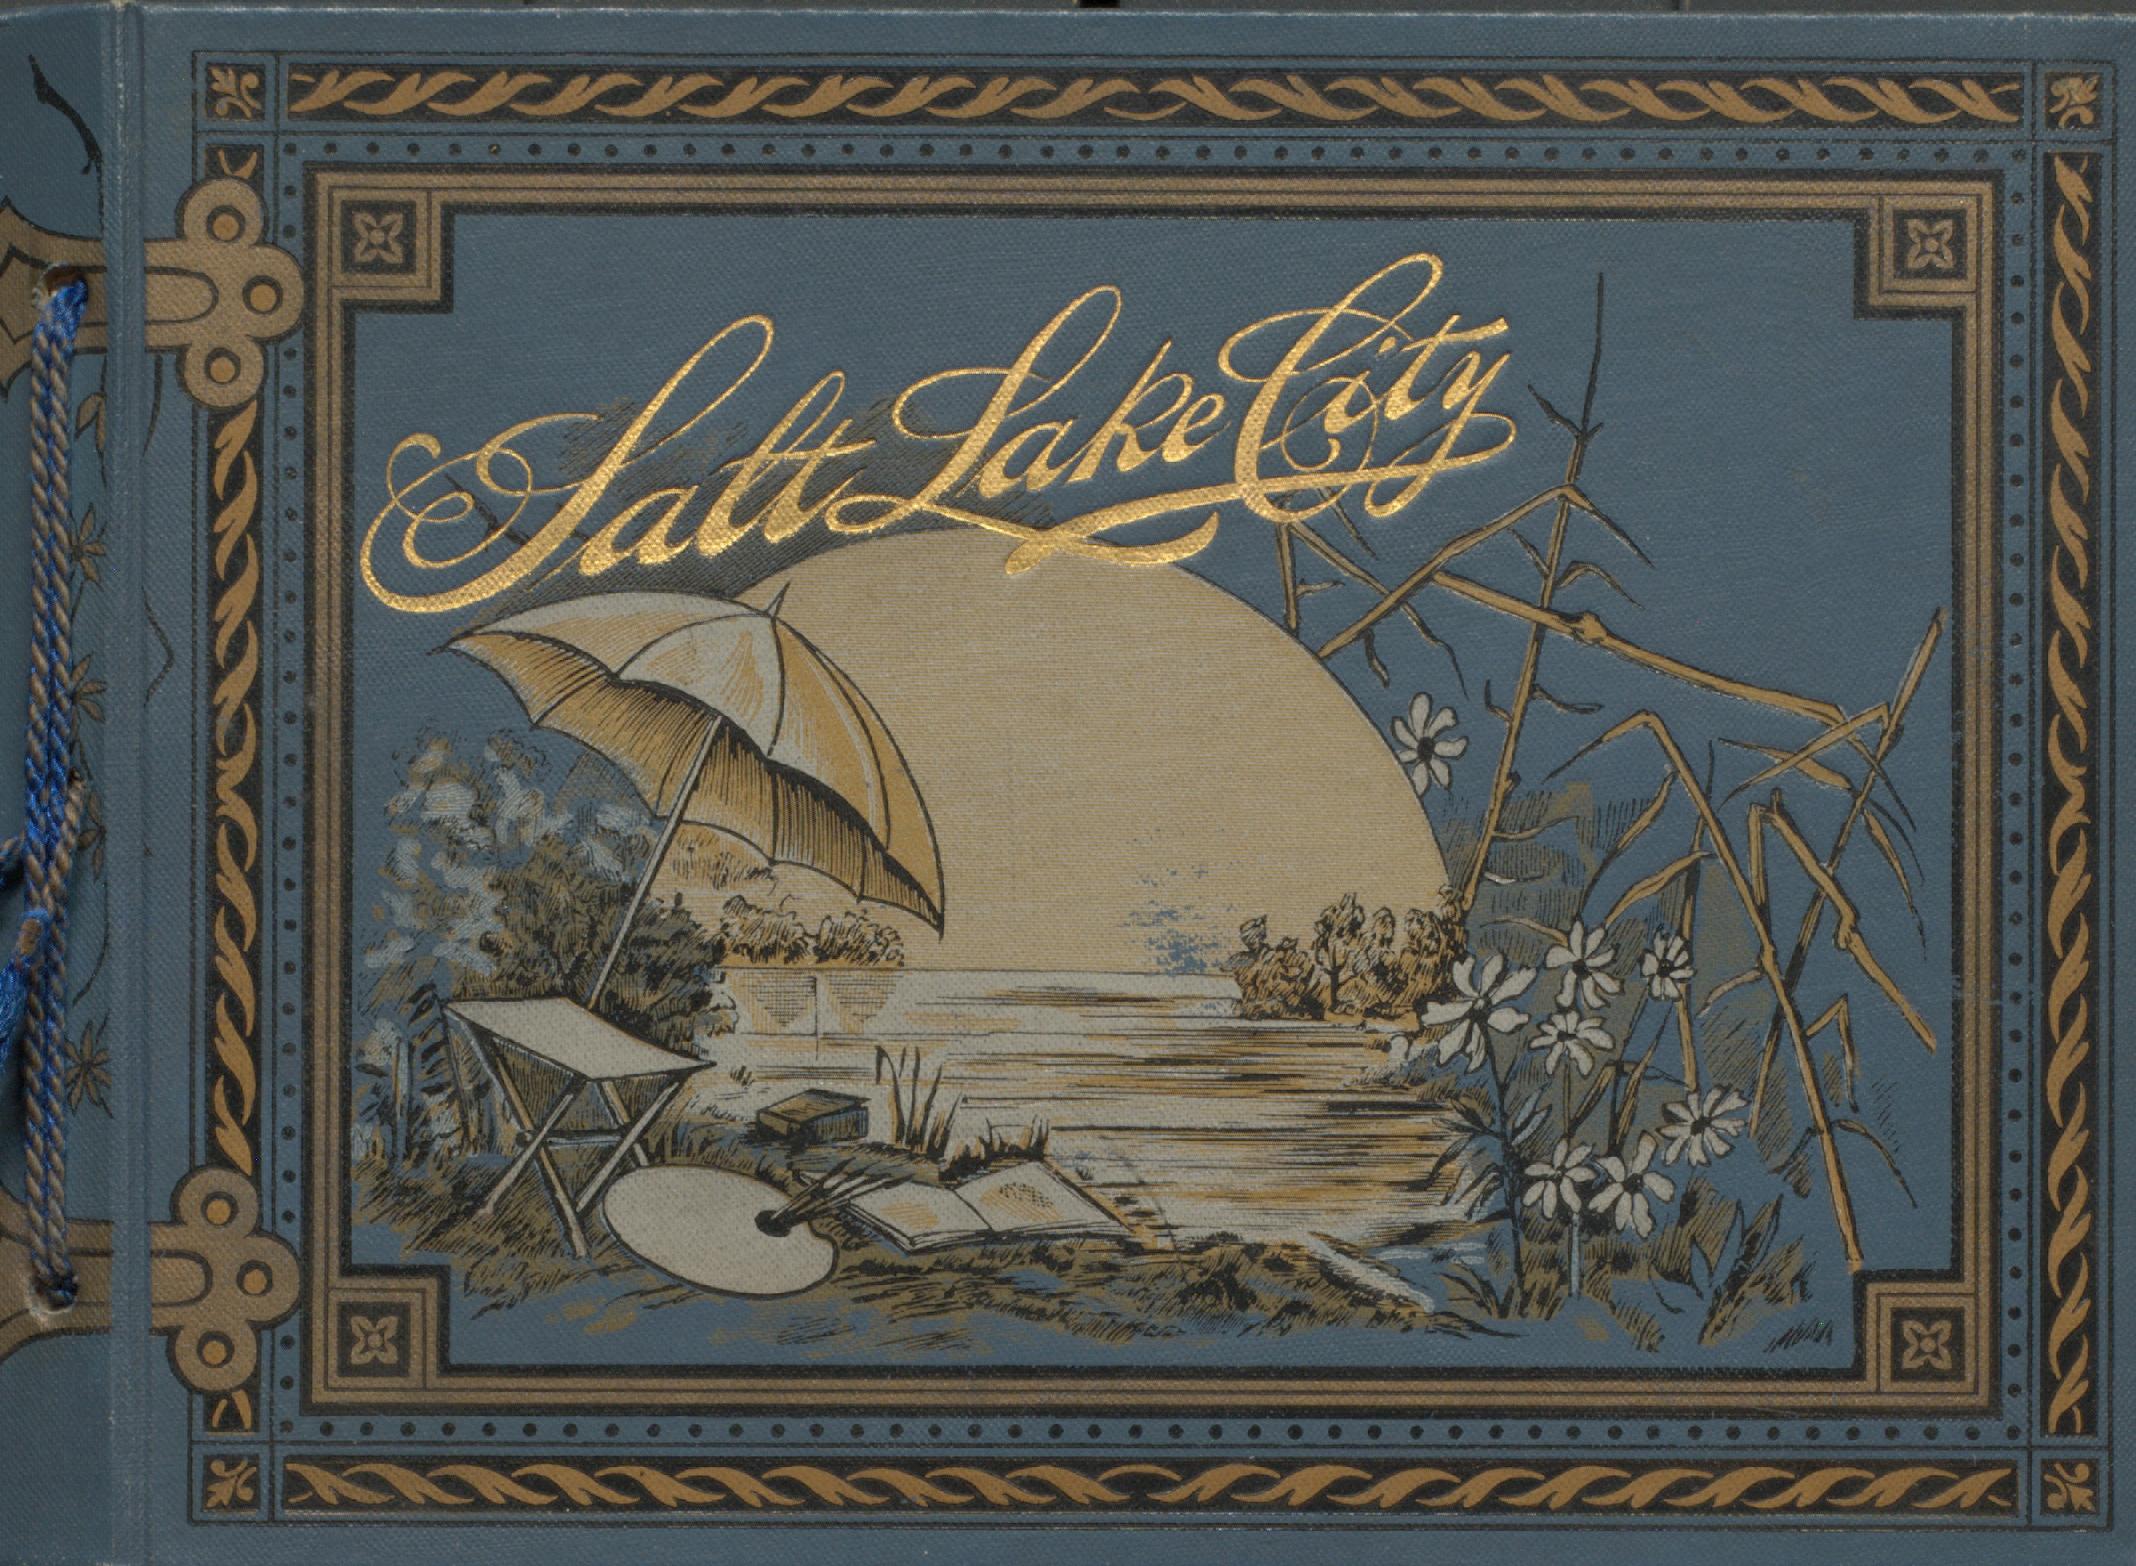 Souvenir of Salt Lake City, Utah. Cover.